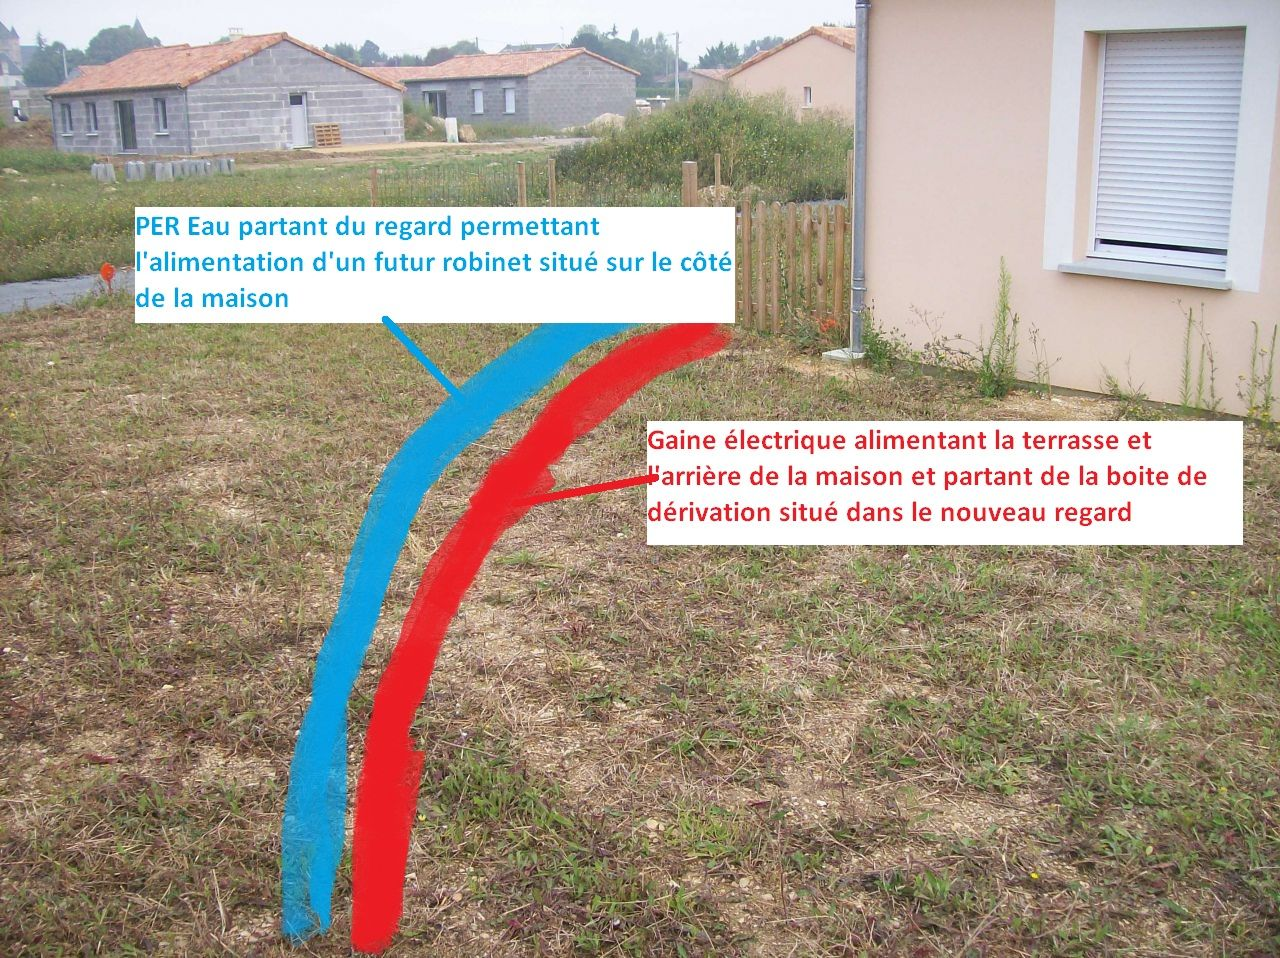 Réalisation Terrasse Alimentation Electrique Et Eau Messages - Alimentation electrique d une maison